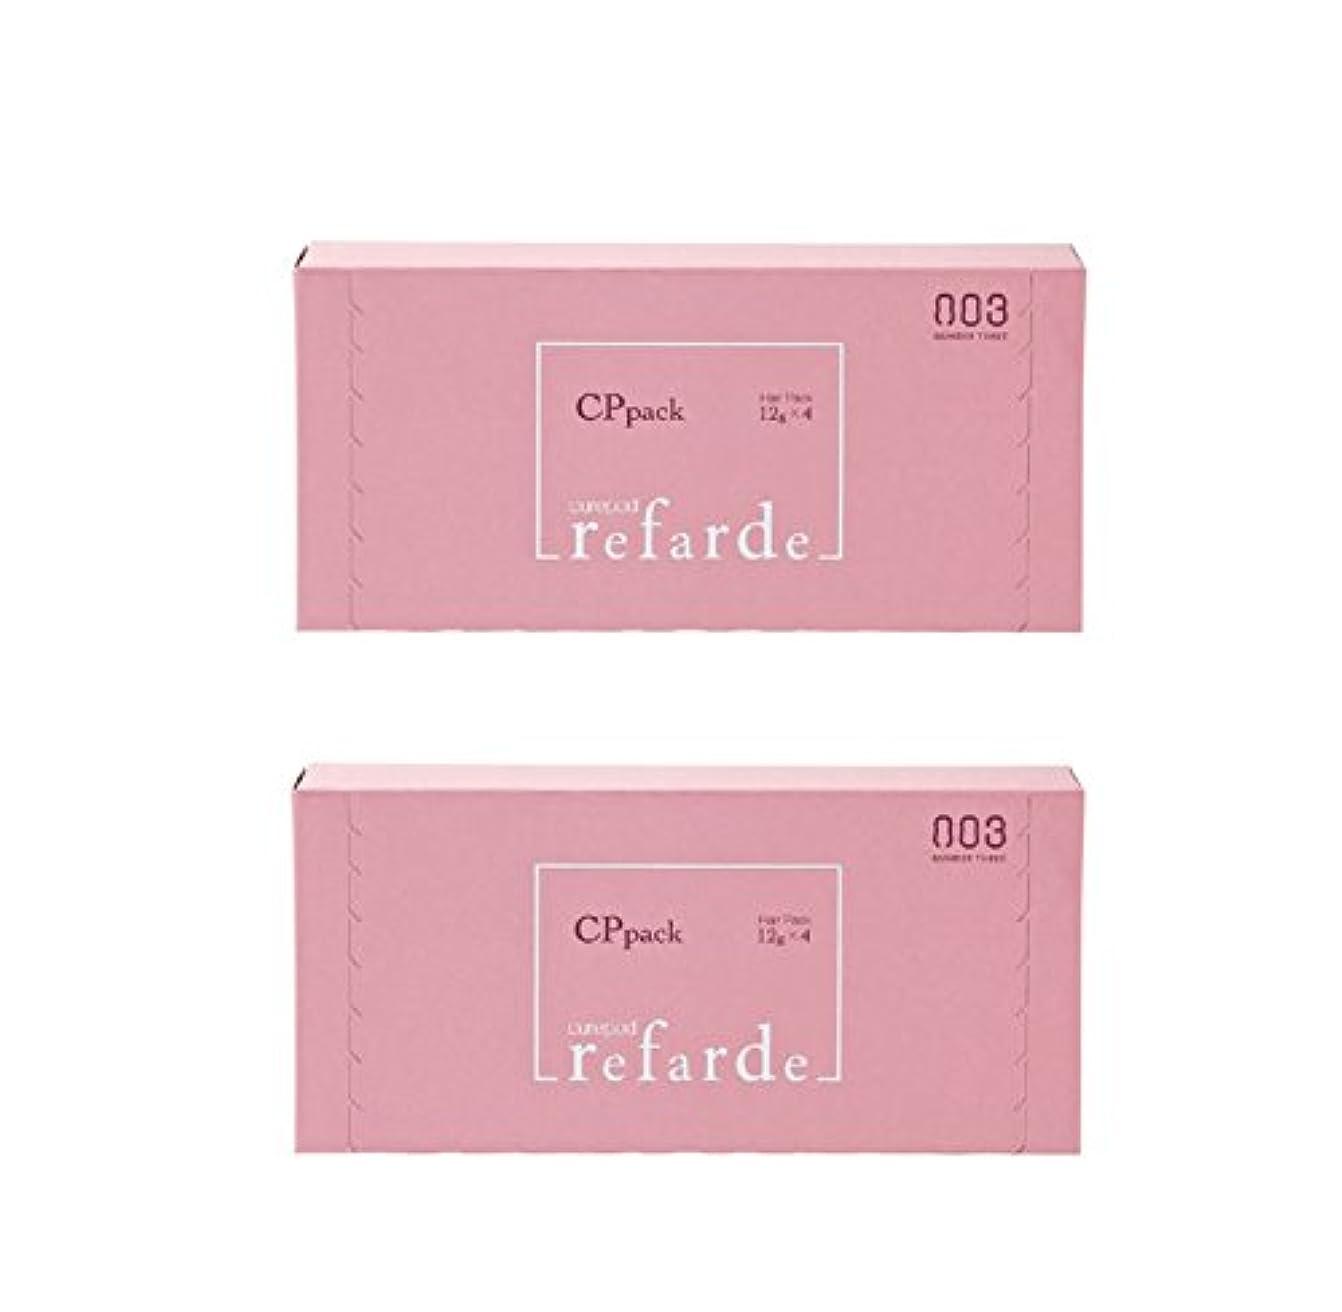 【X2個セット】 ナンバースリー ルファルデ CPパック 12g×4包